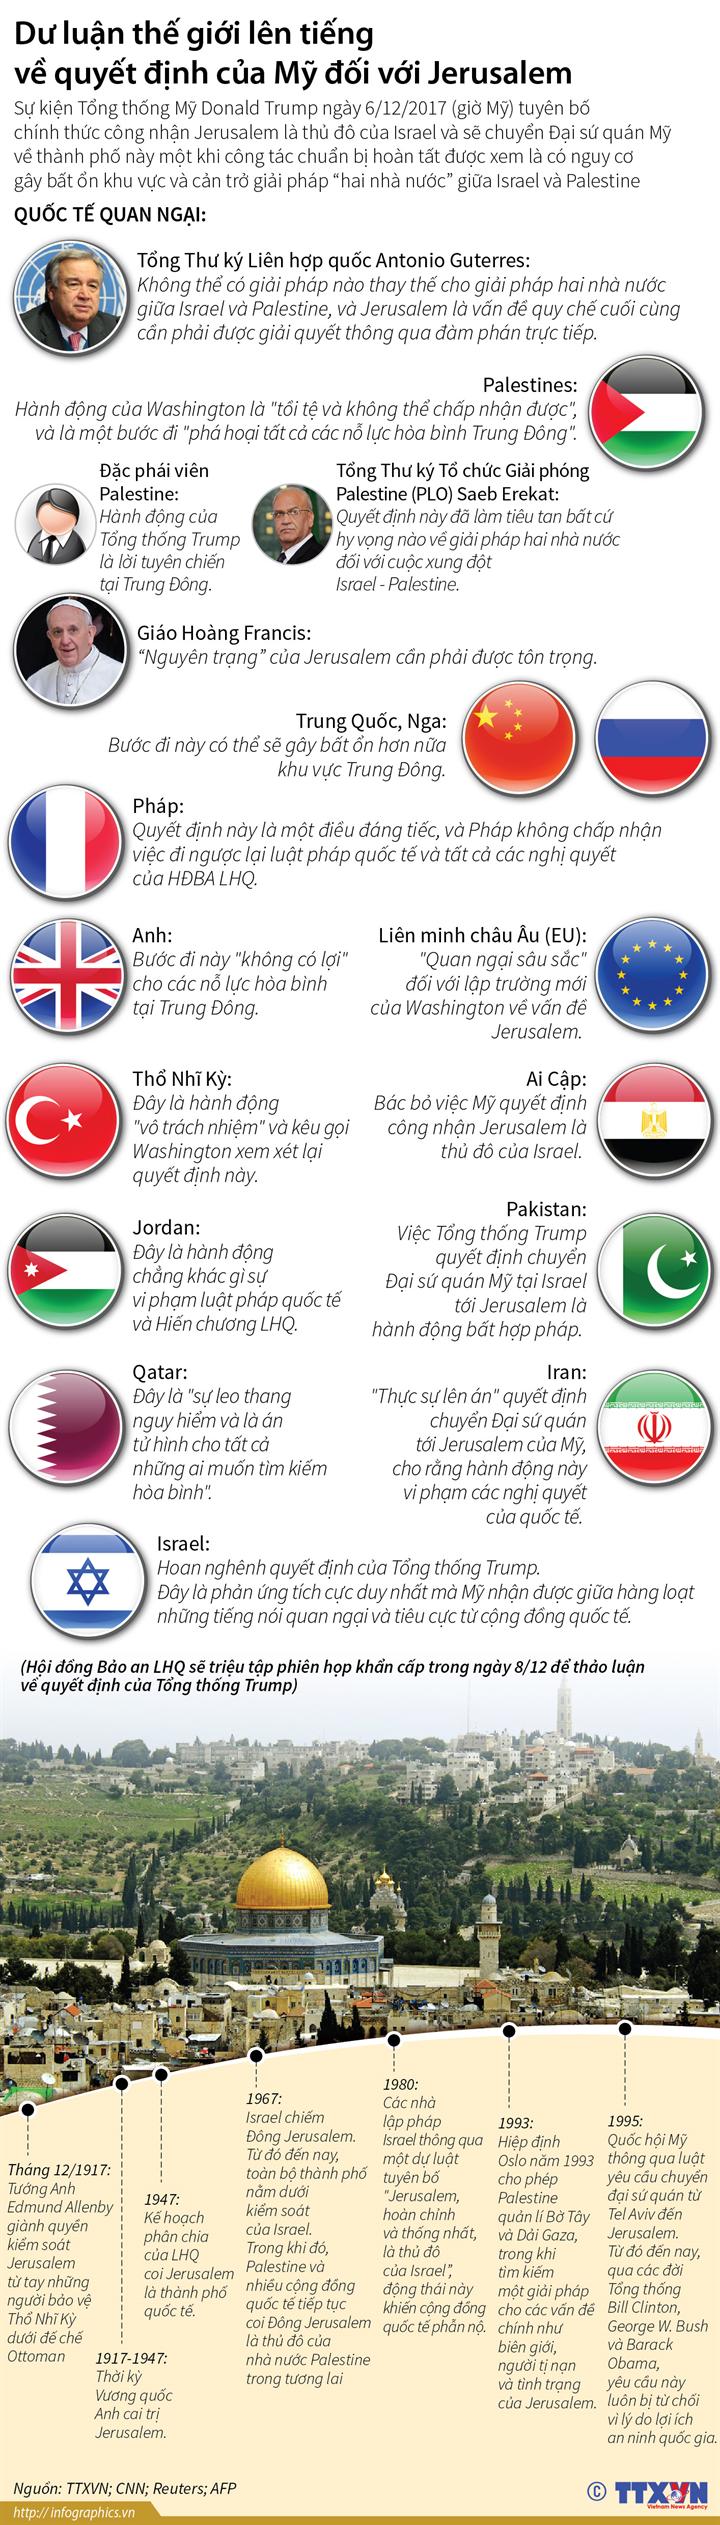 Dư luận thế giới lên tiếng về quyết định của Mỹ đối với Jerusalem